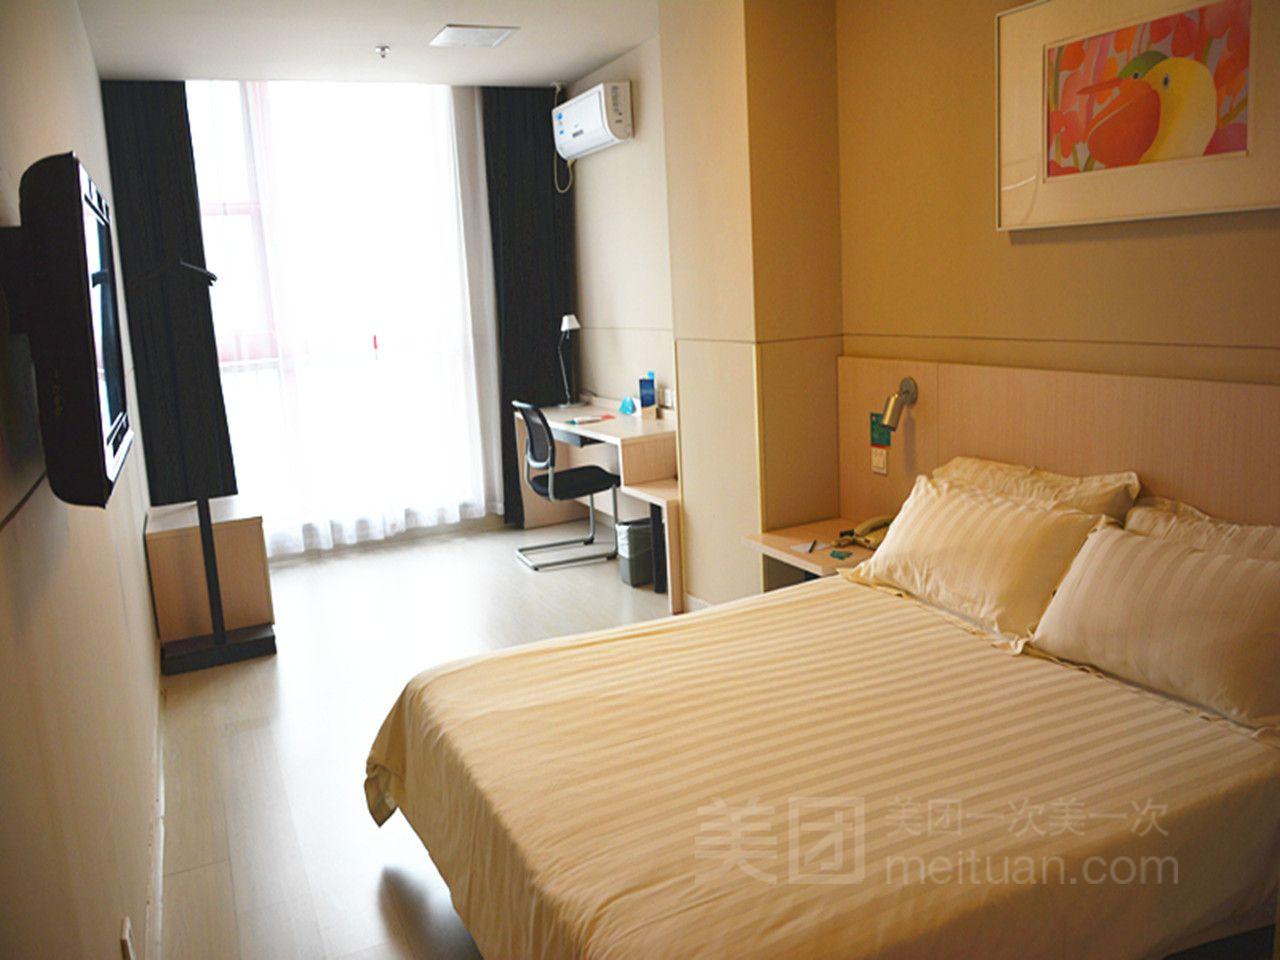 锦江之星酒店(北京万丰路店)预订/团购